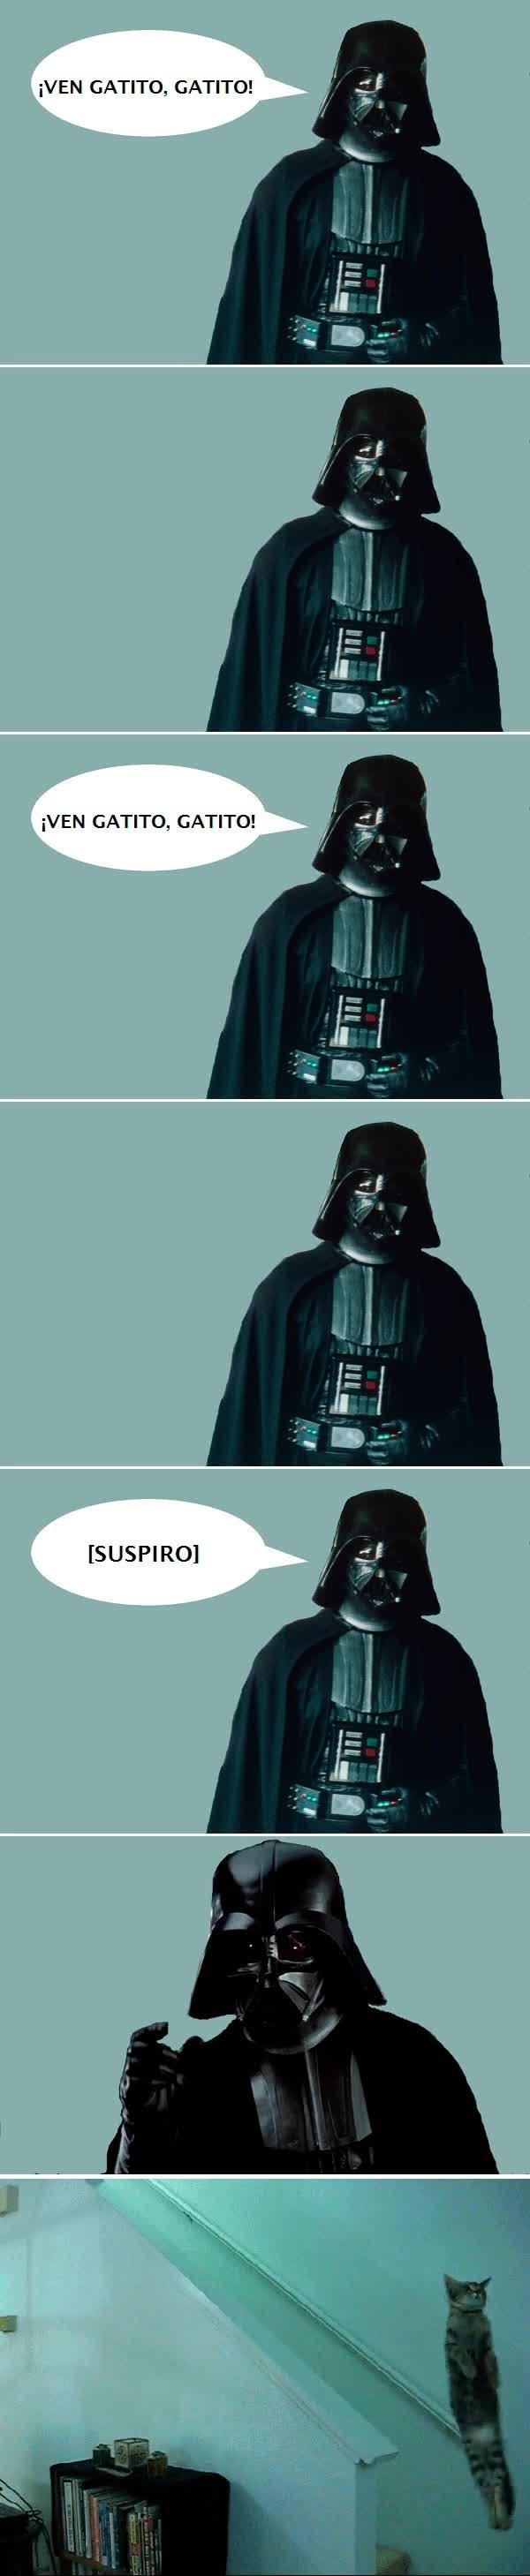 Enlace a Darth Vader no se anda con jueguecitos con su gato